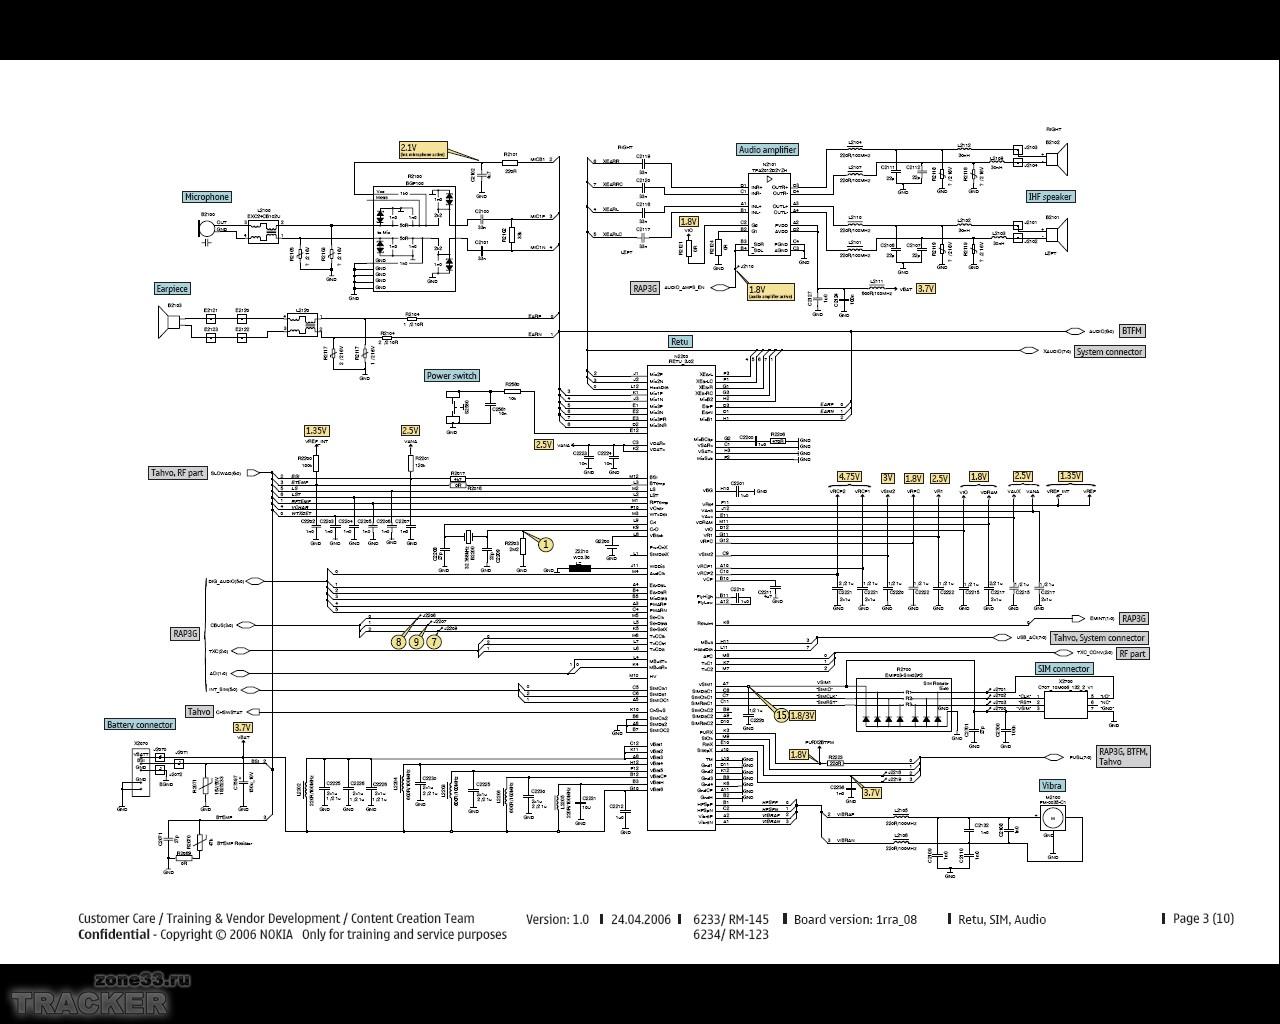 925 схема lumia.